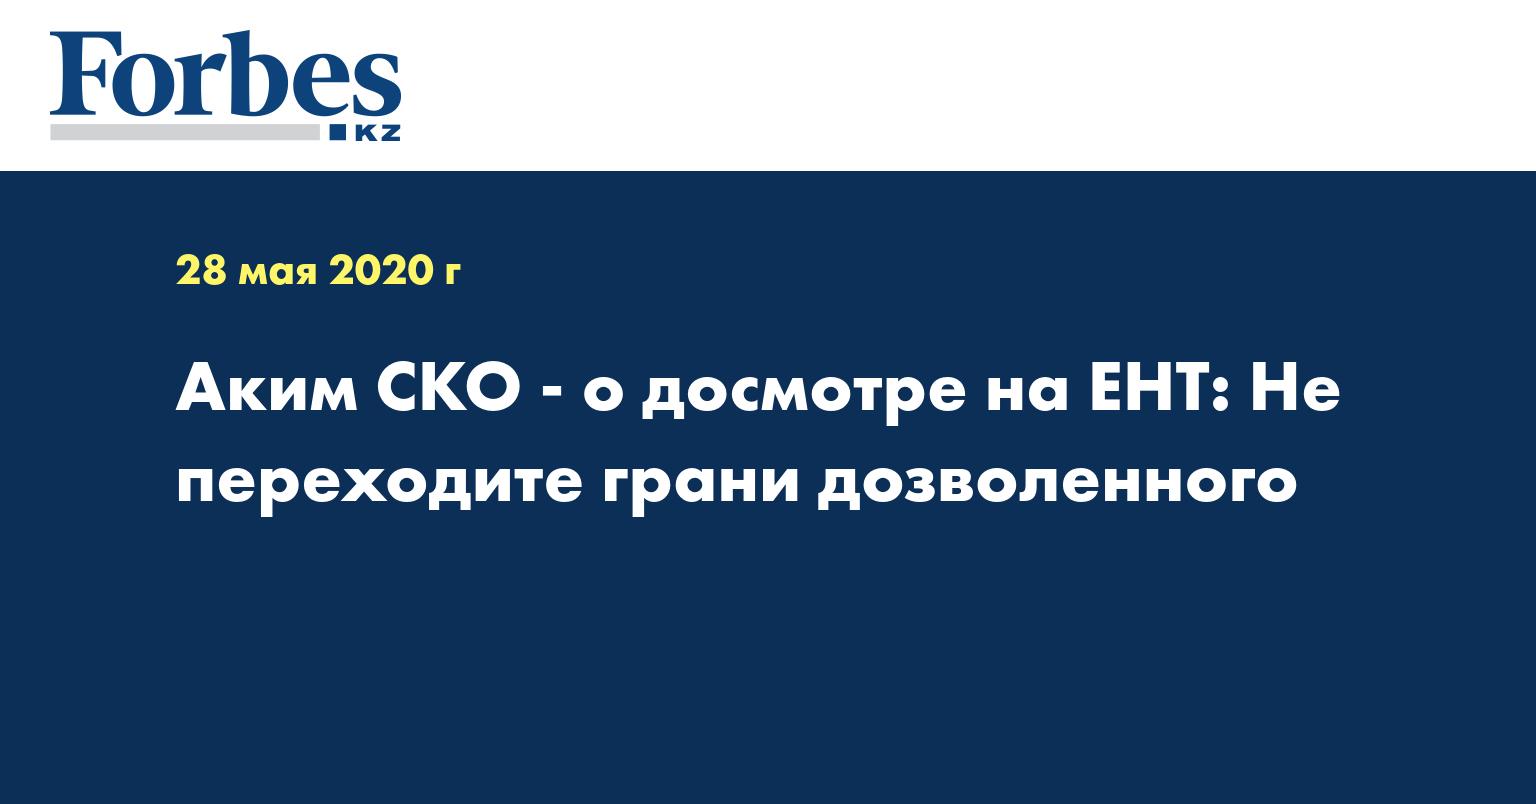 Аким СКО - о досмотре на ЕНТ: Не переходите грани дозволенного